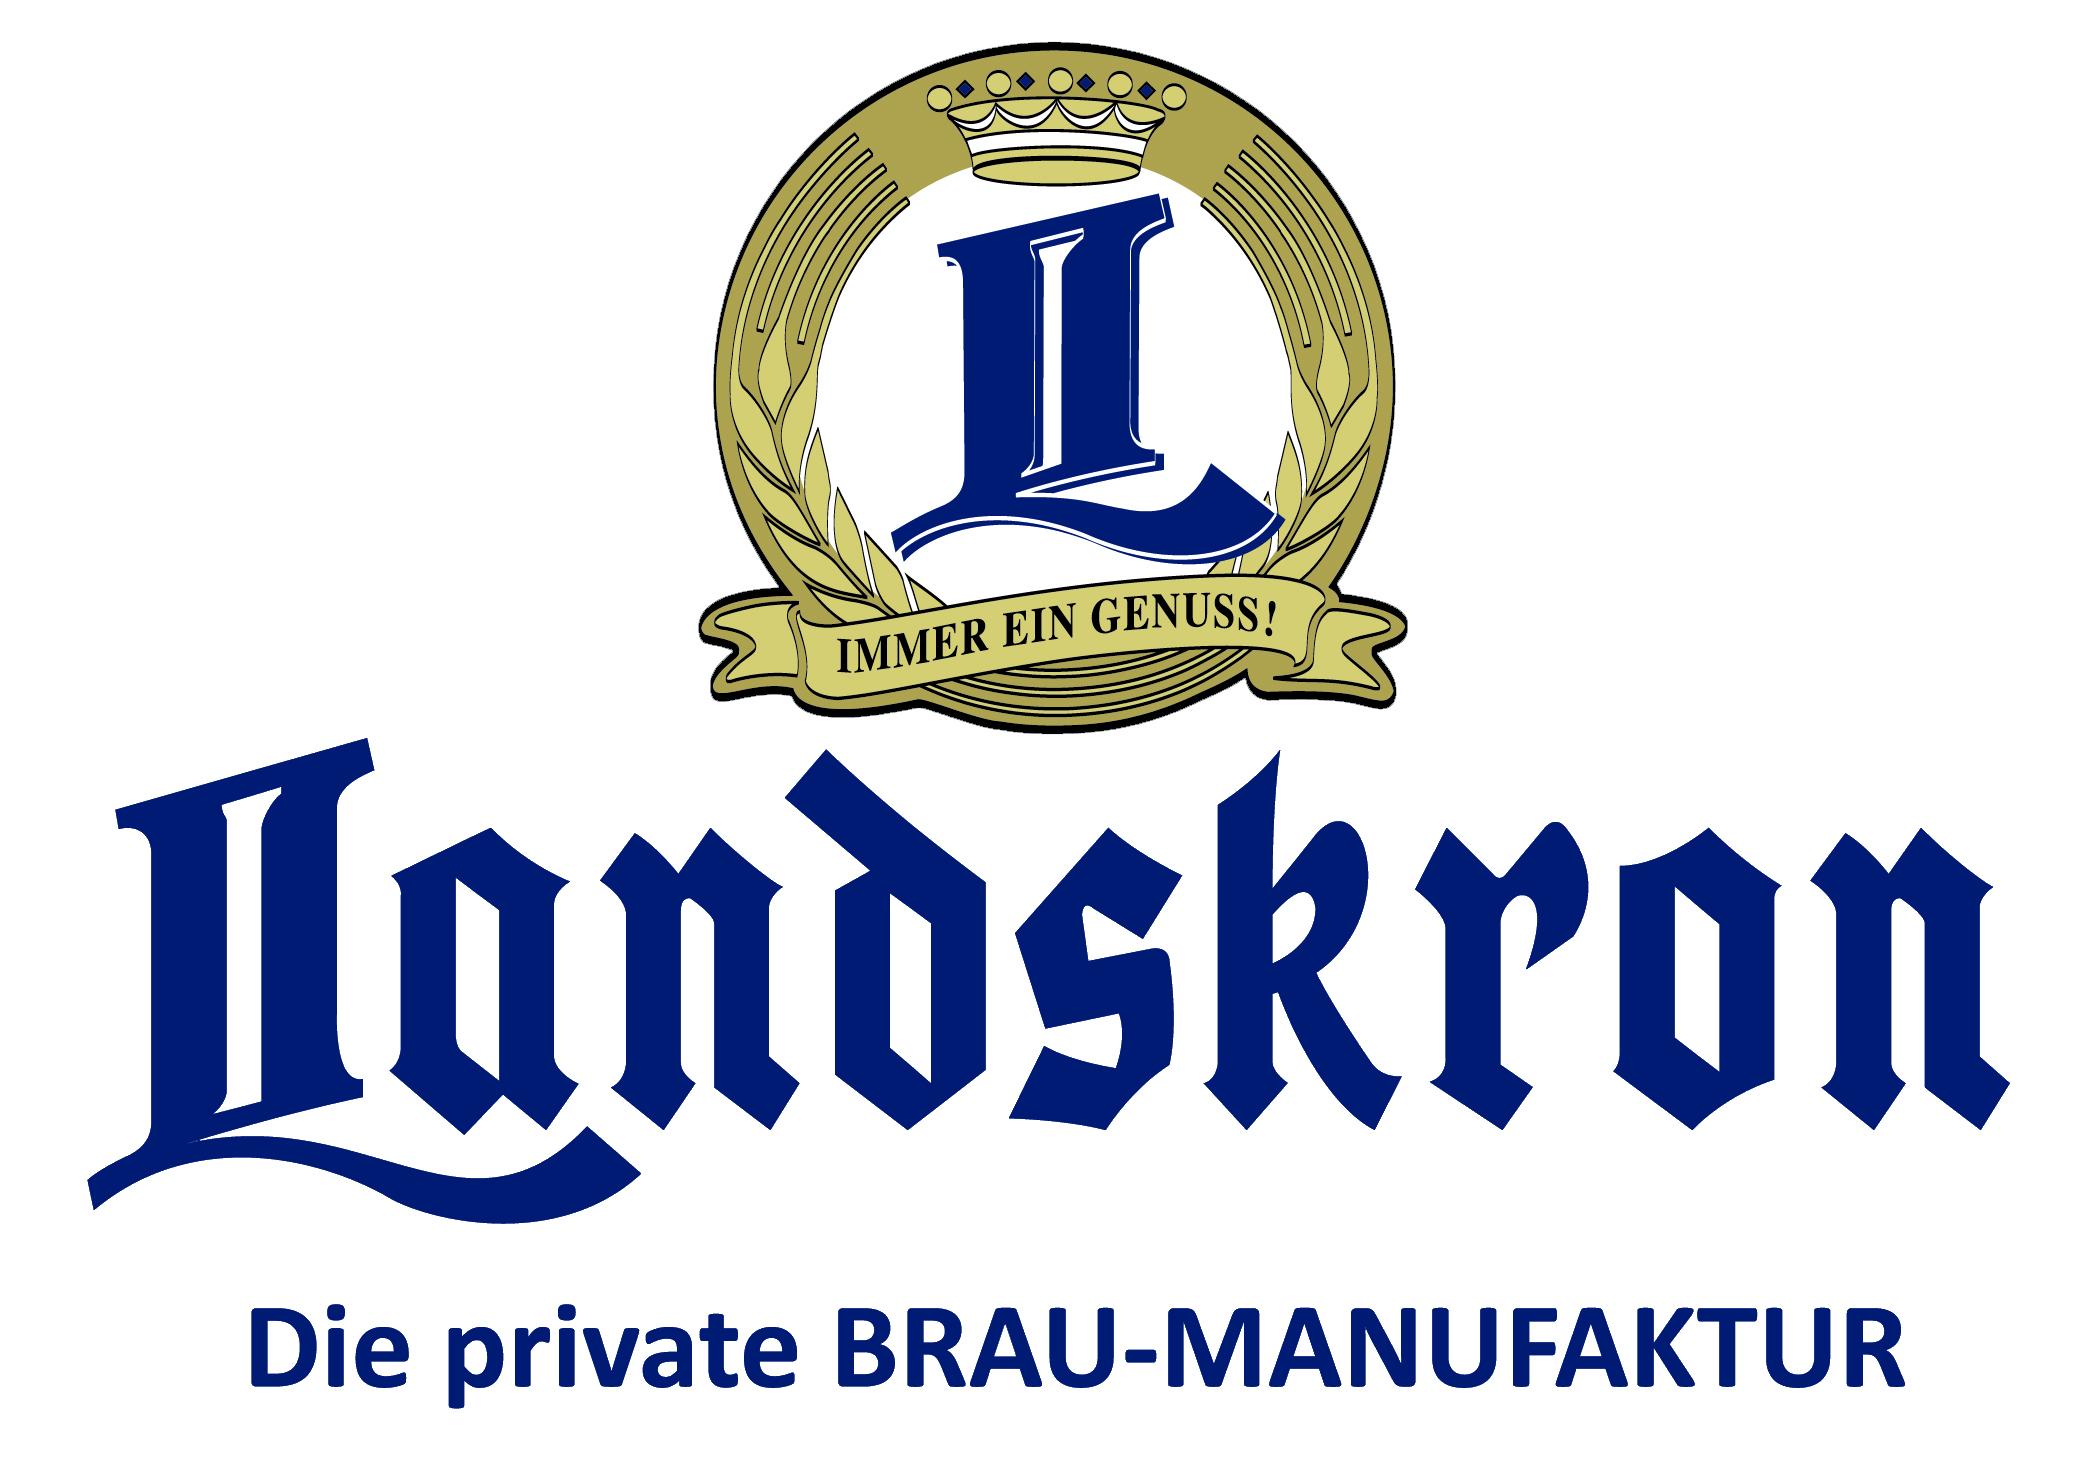 Landskron Brauerei